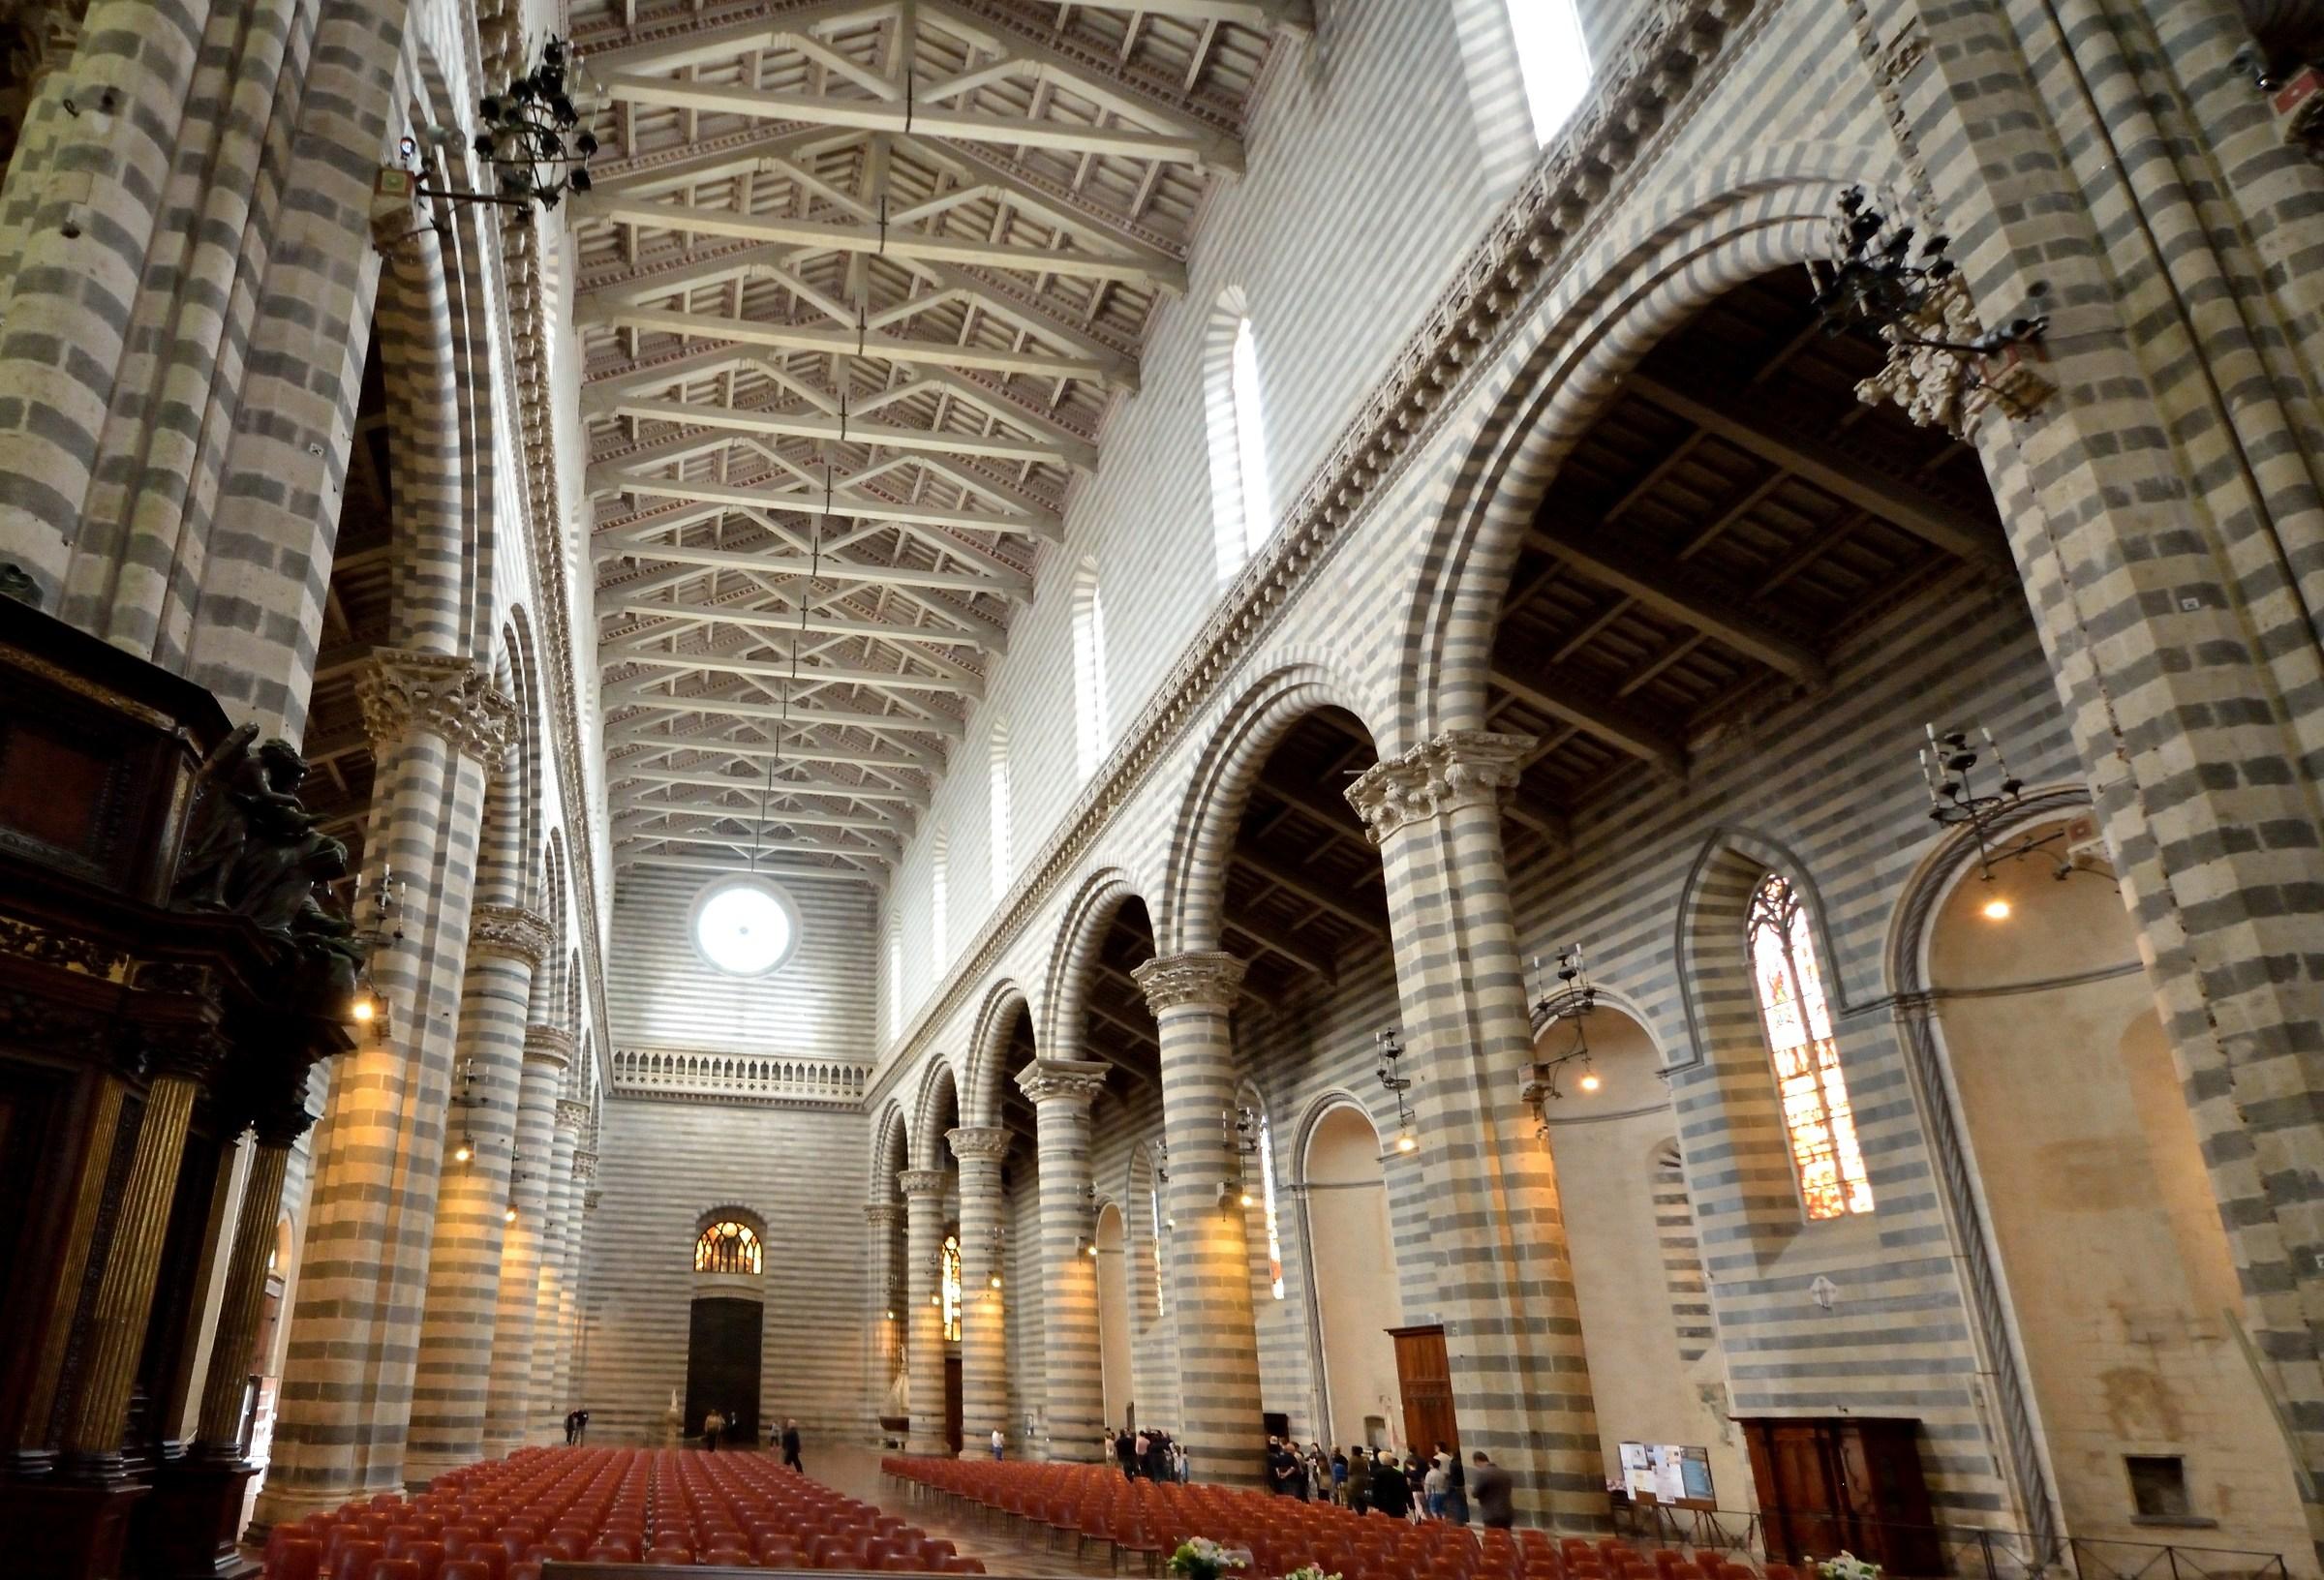 Orvieto la cattedrale interno juzaphoto for Interno j